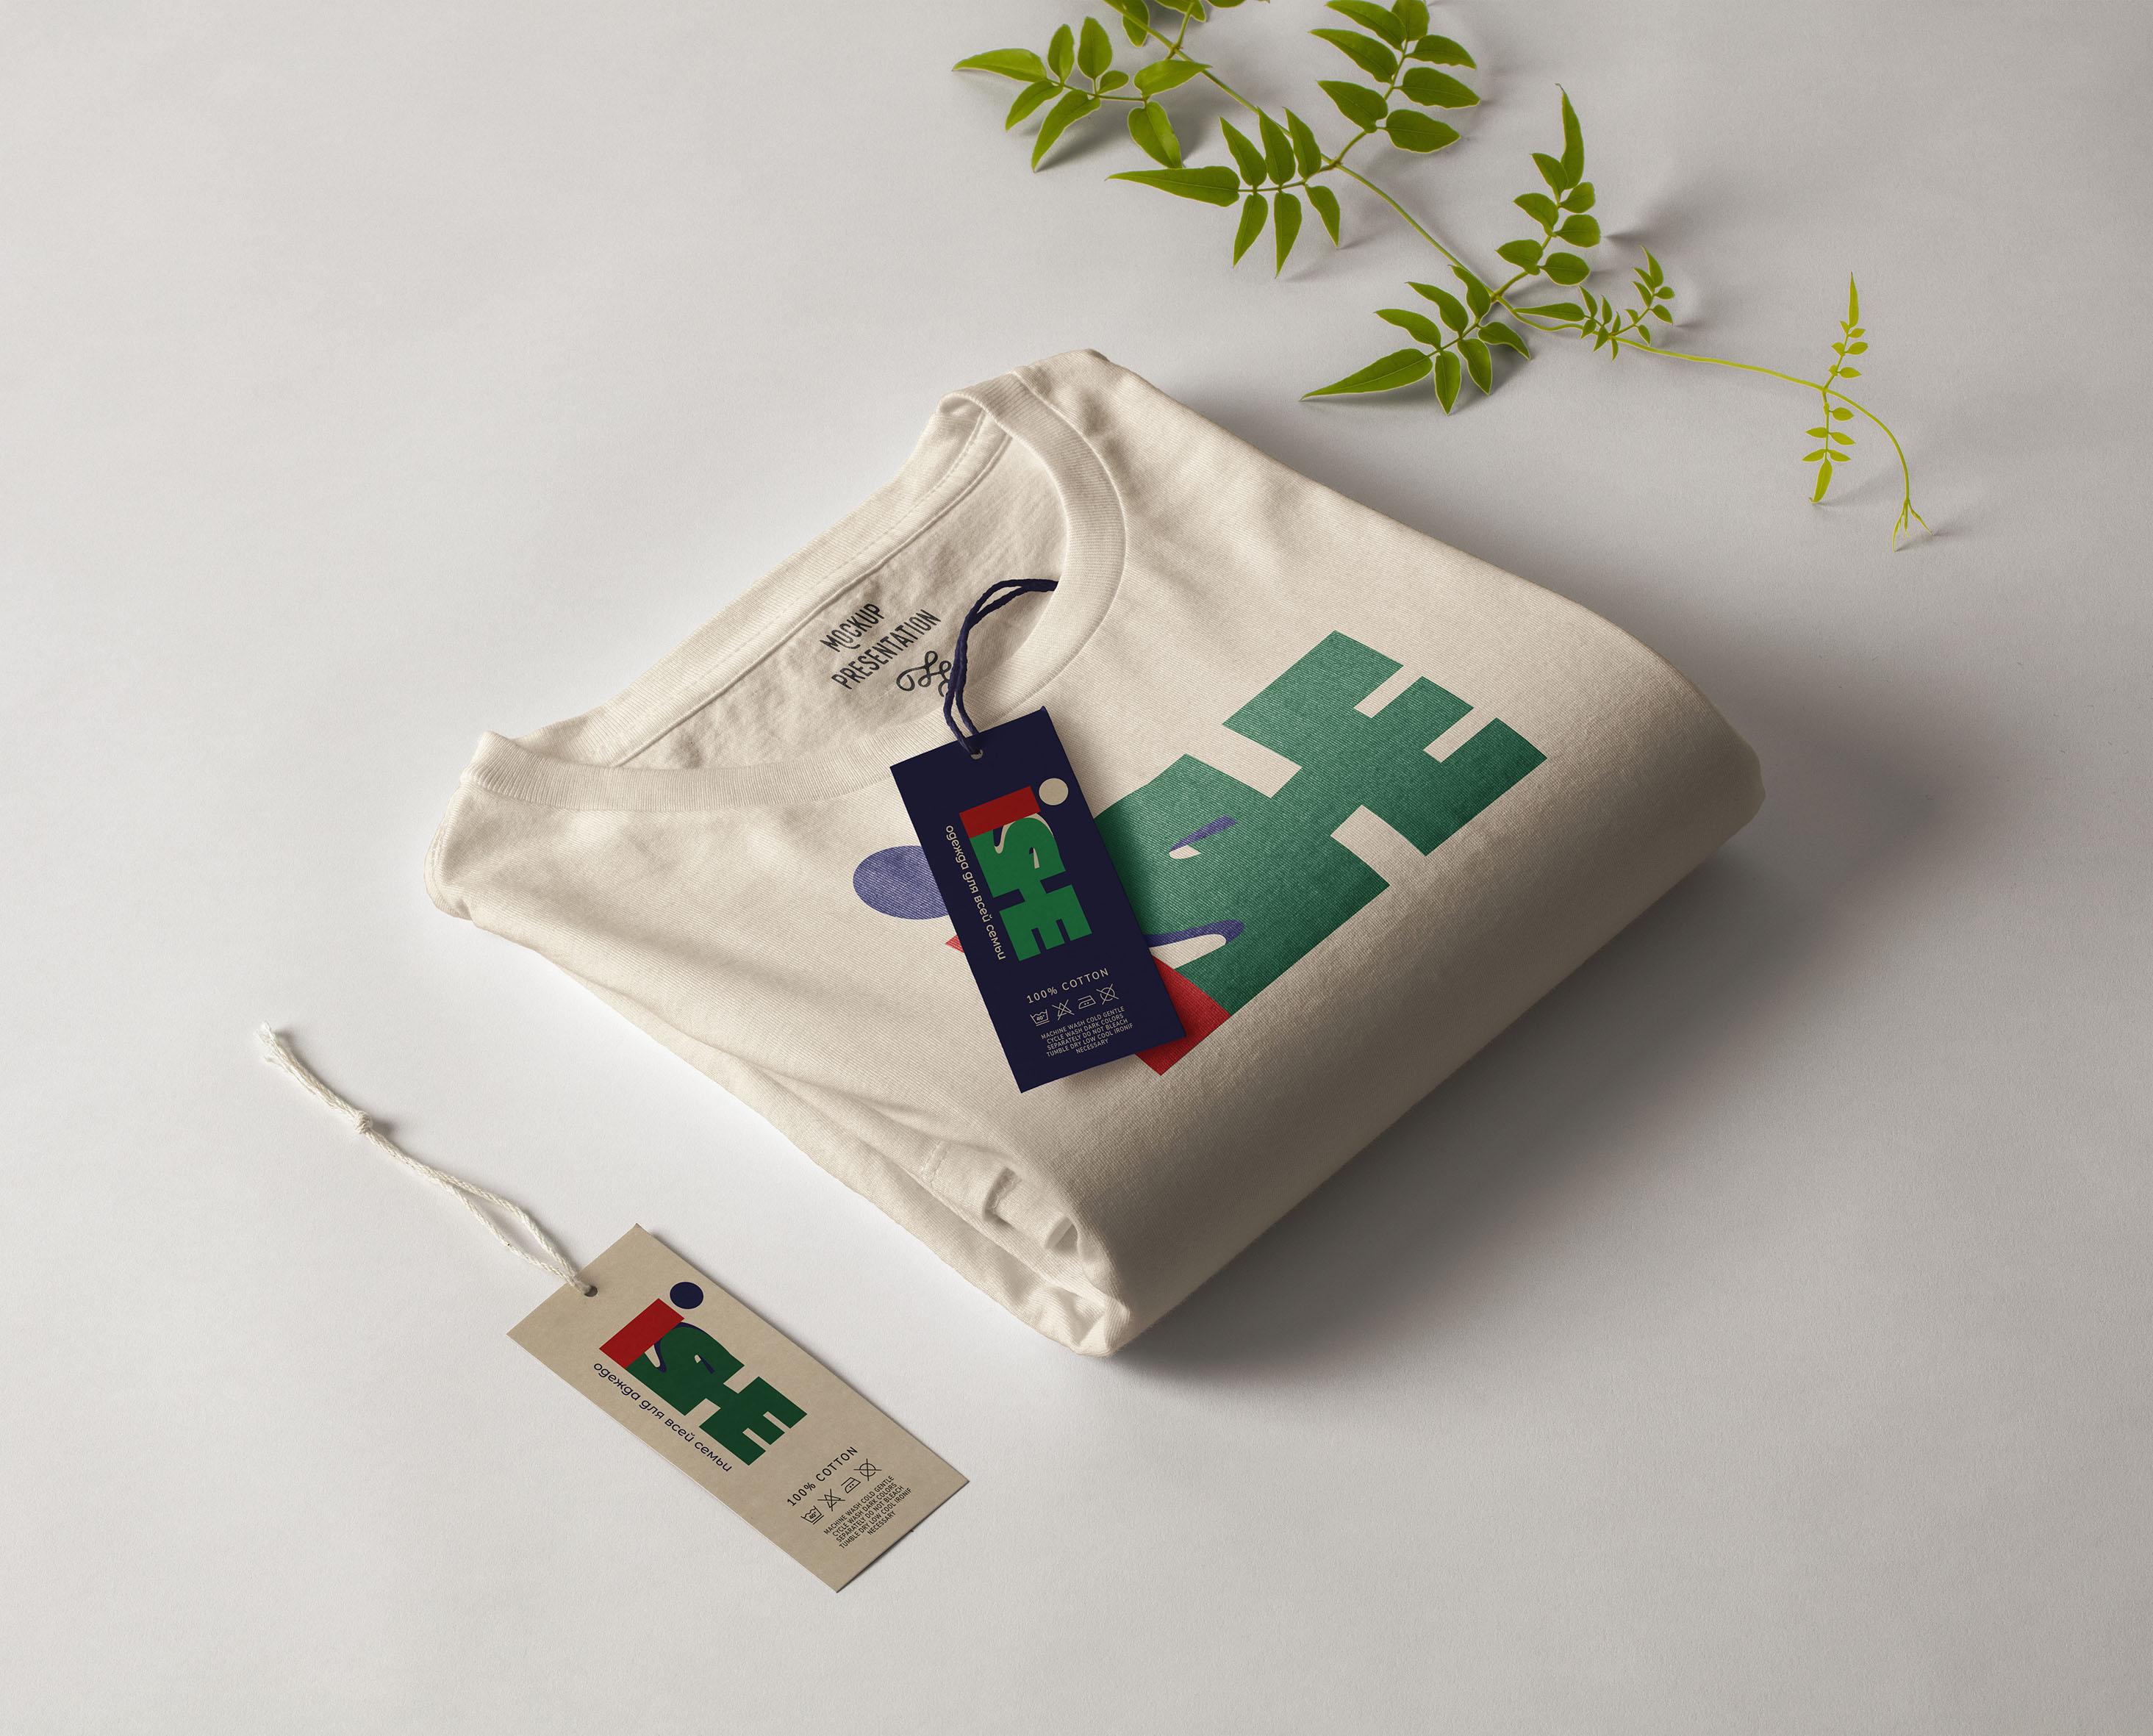 """Создать логотип для торговой марки """"IShe"""" фото f_6936009ad0b4c0d7.jpg"""